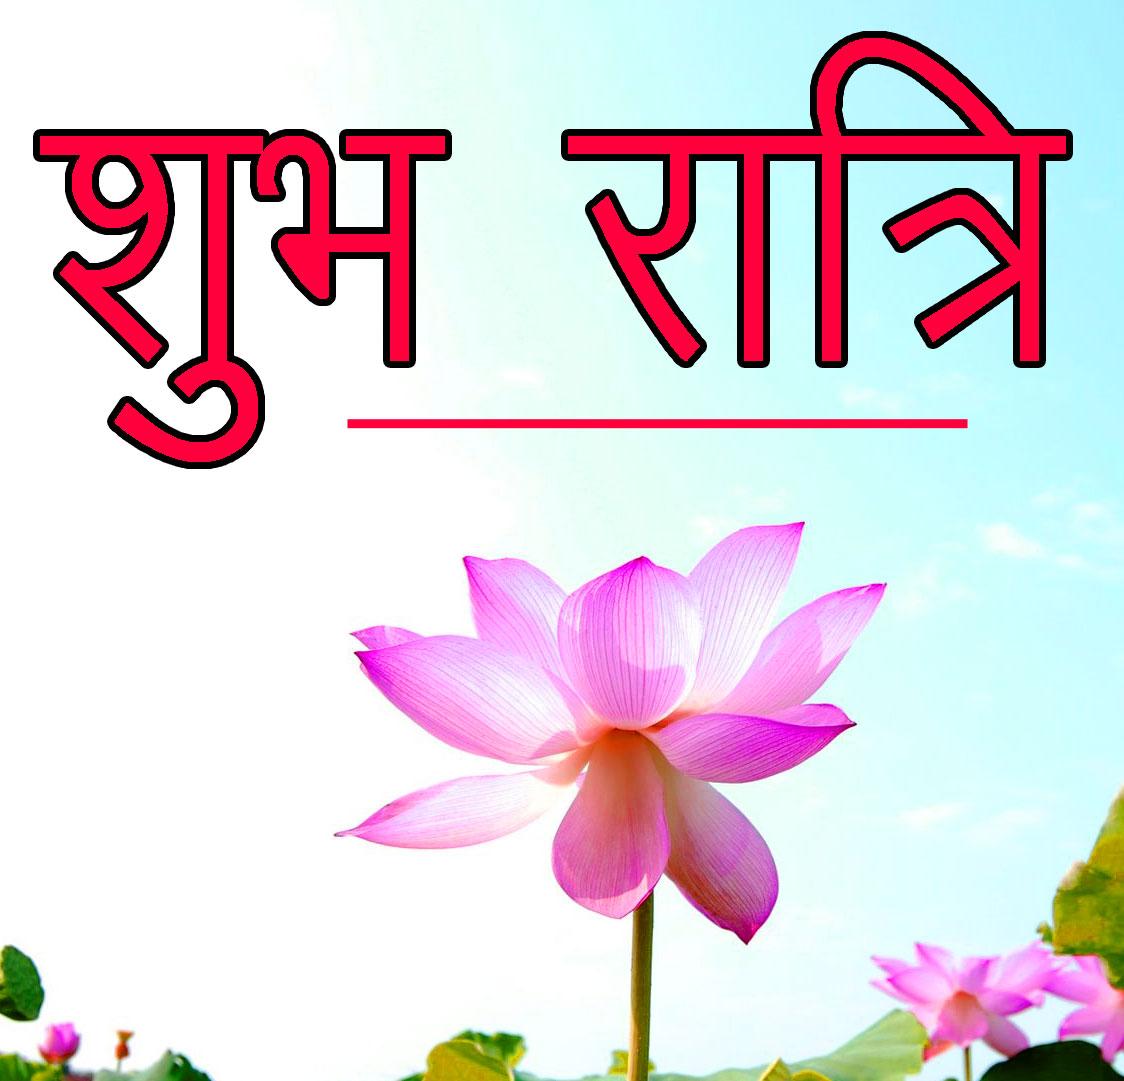 Shubh Ratri Wallpaper 9